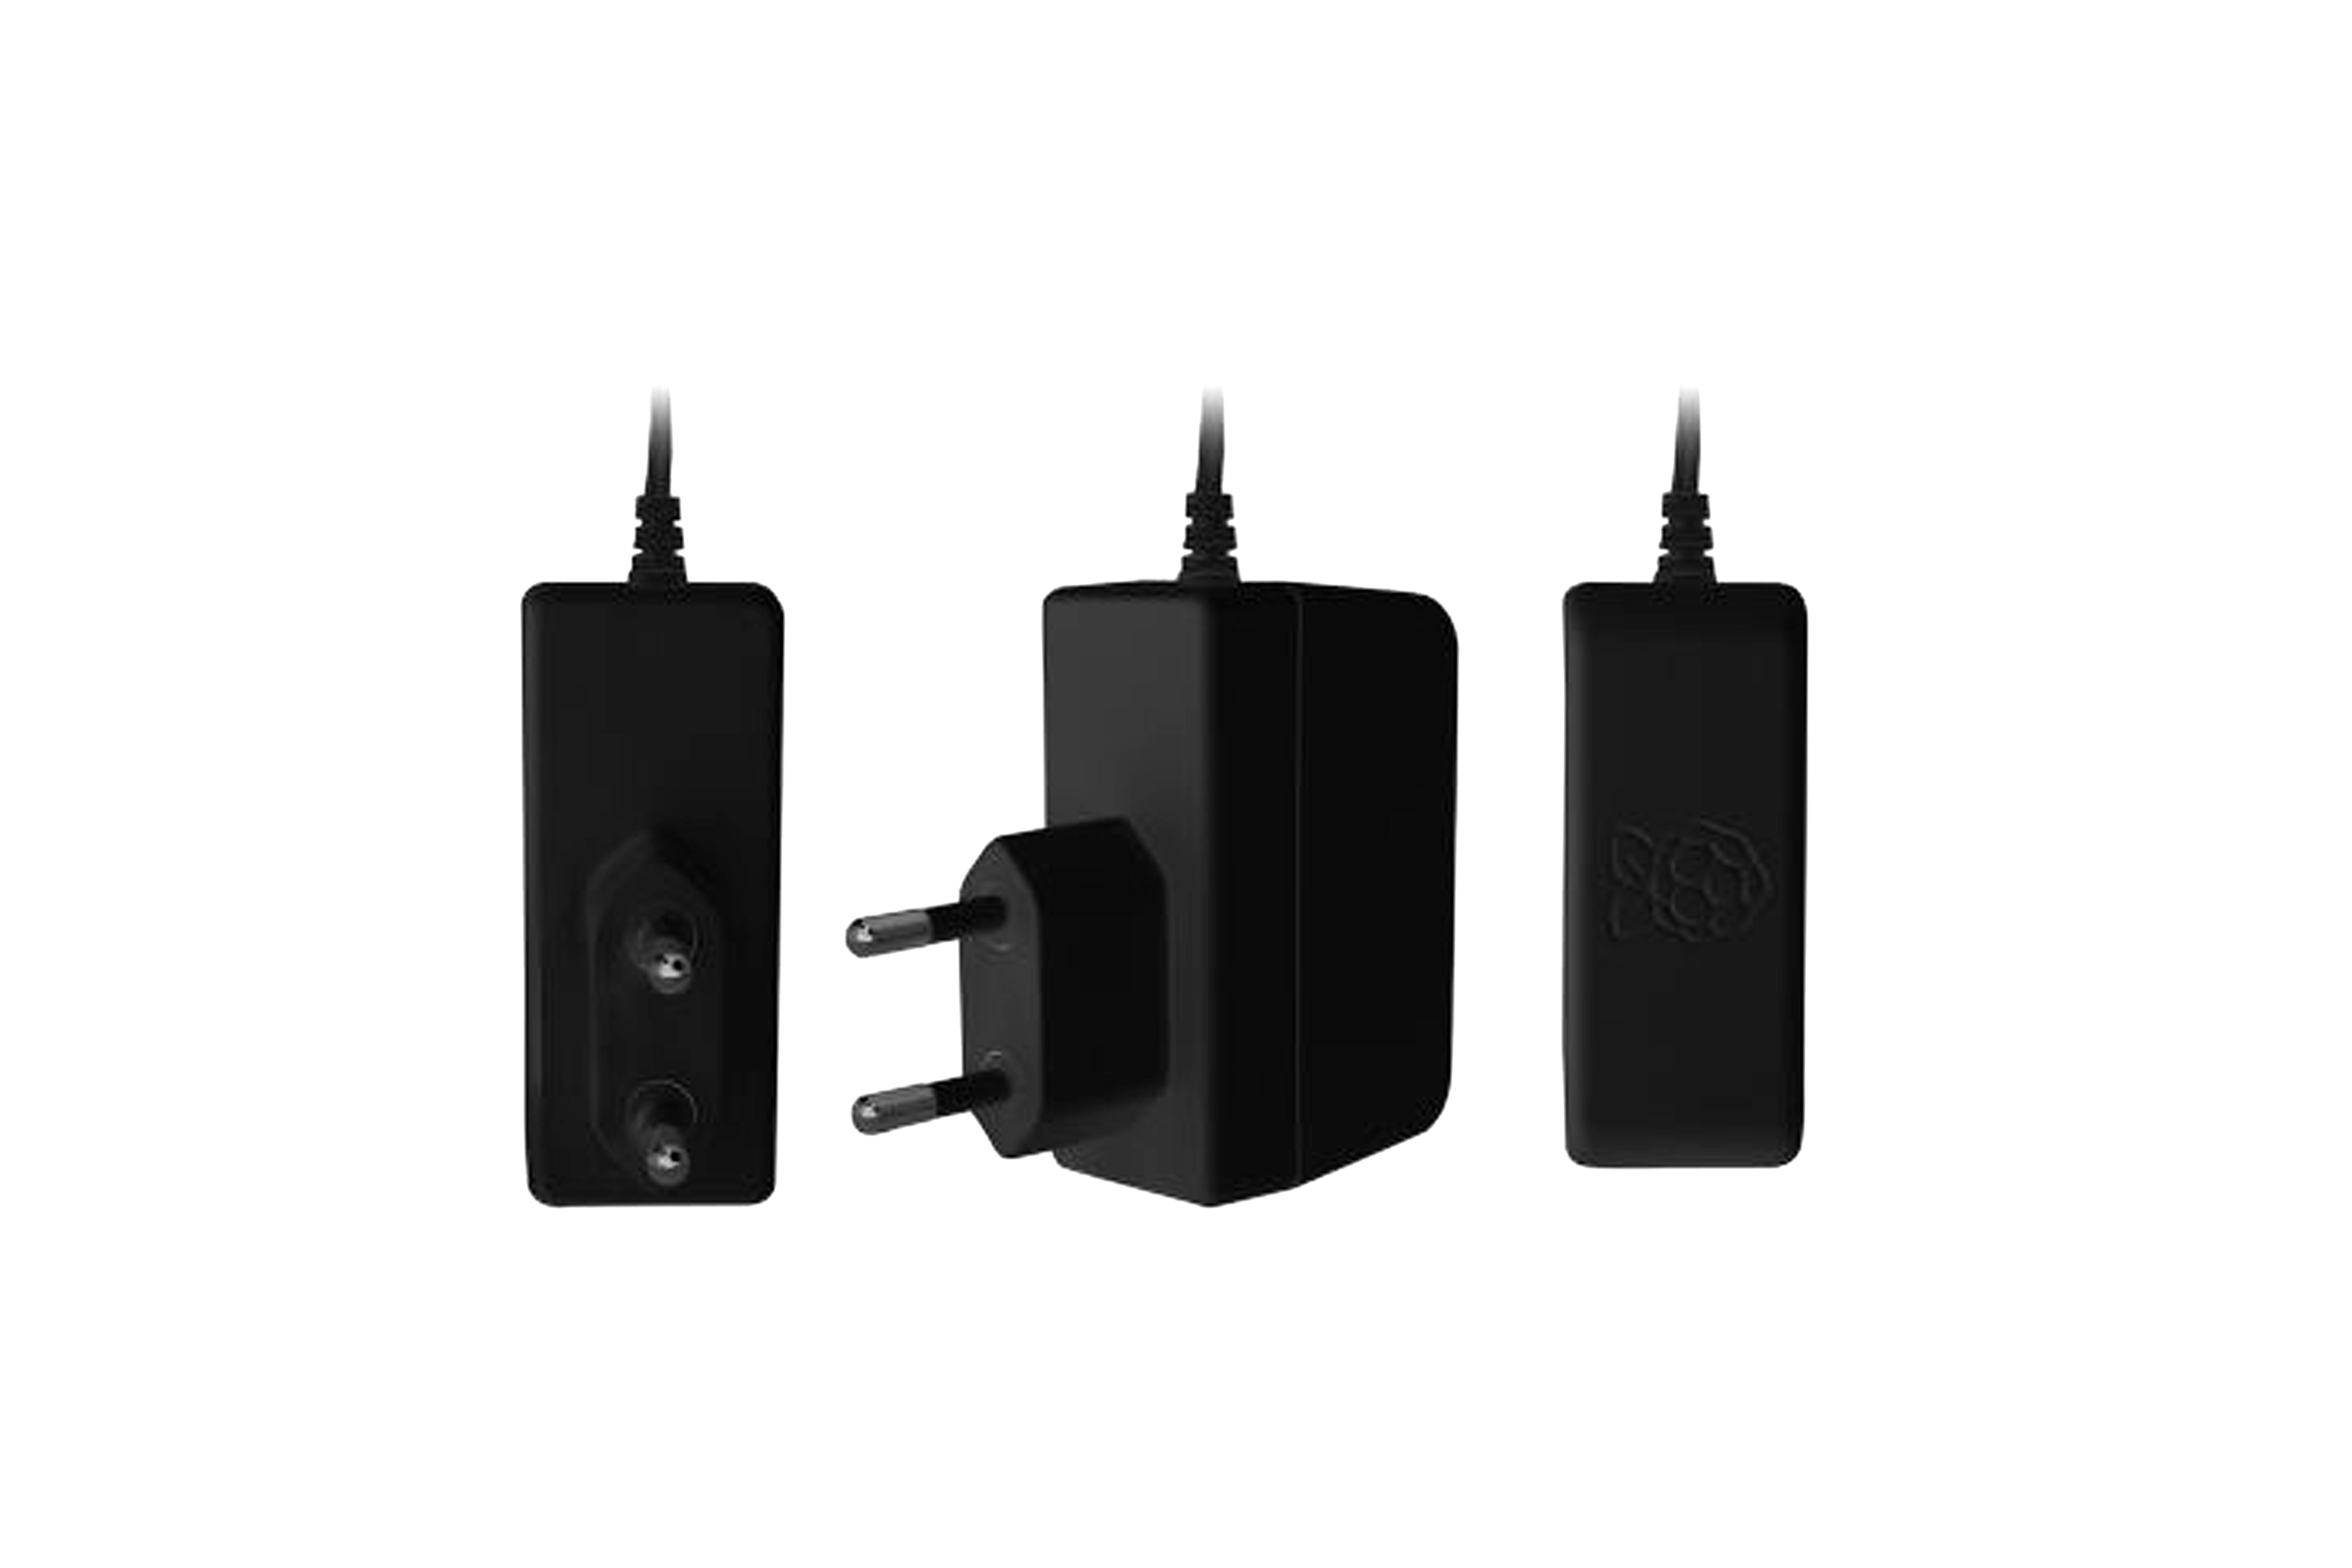 Official Raspberry Pi 3 Eu Power Supply Black